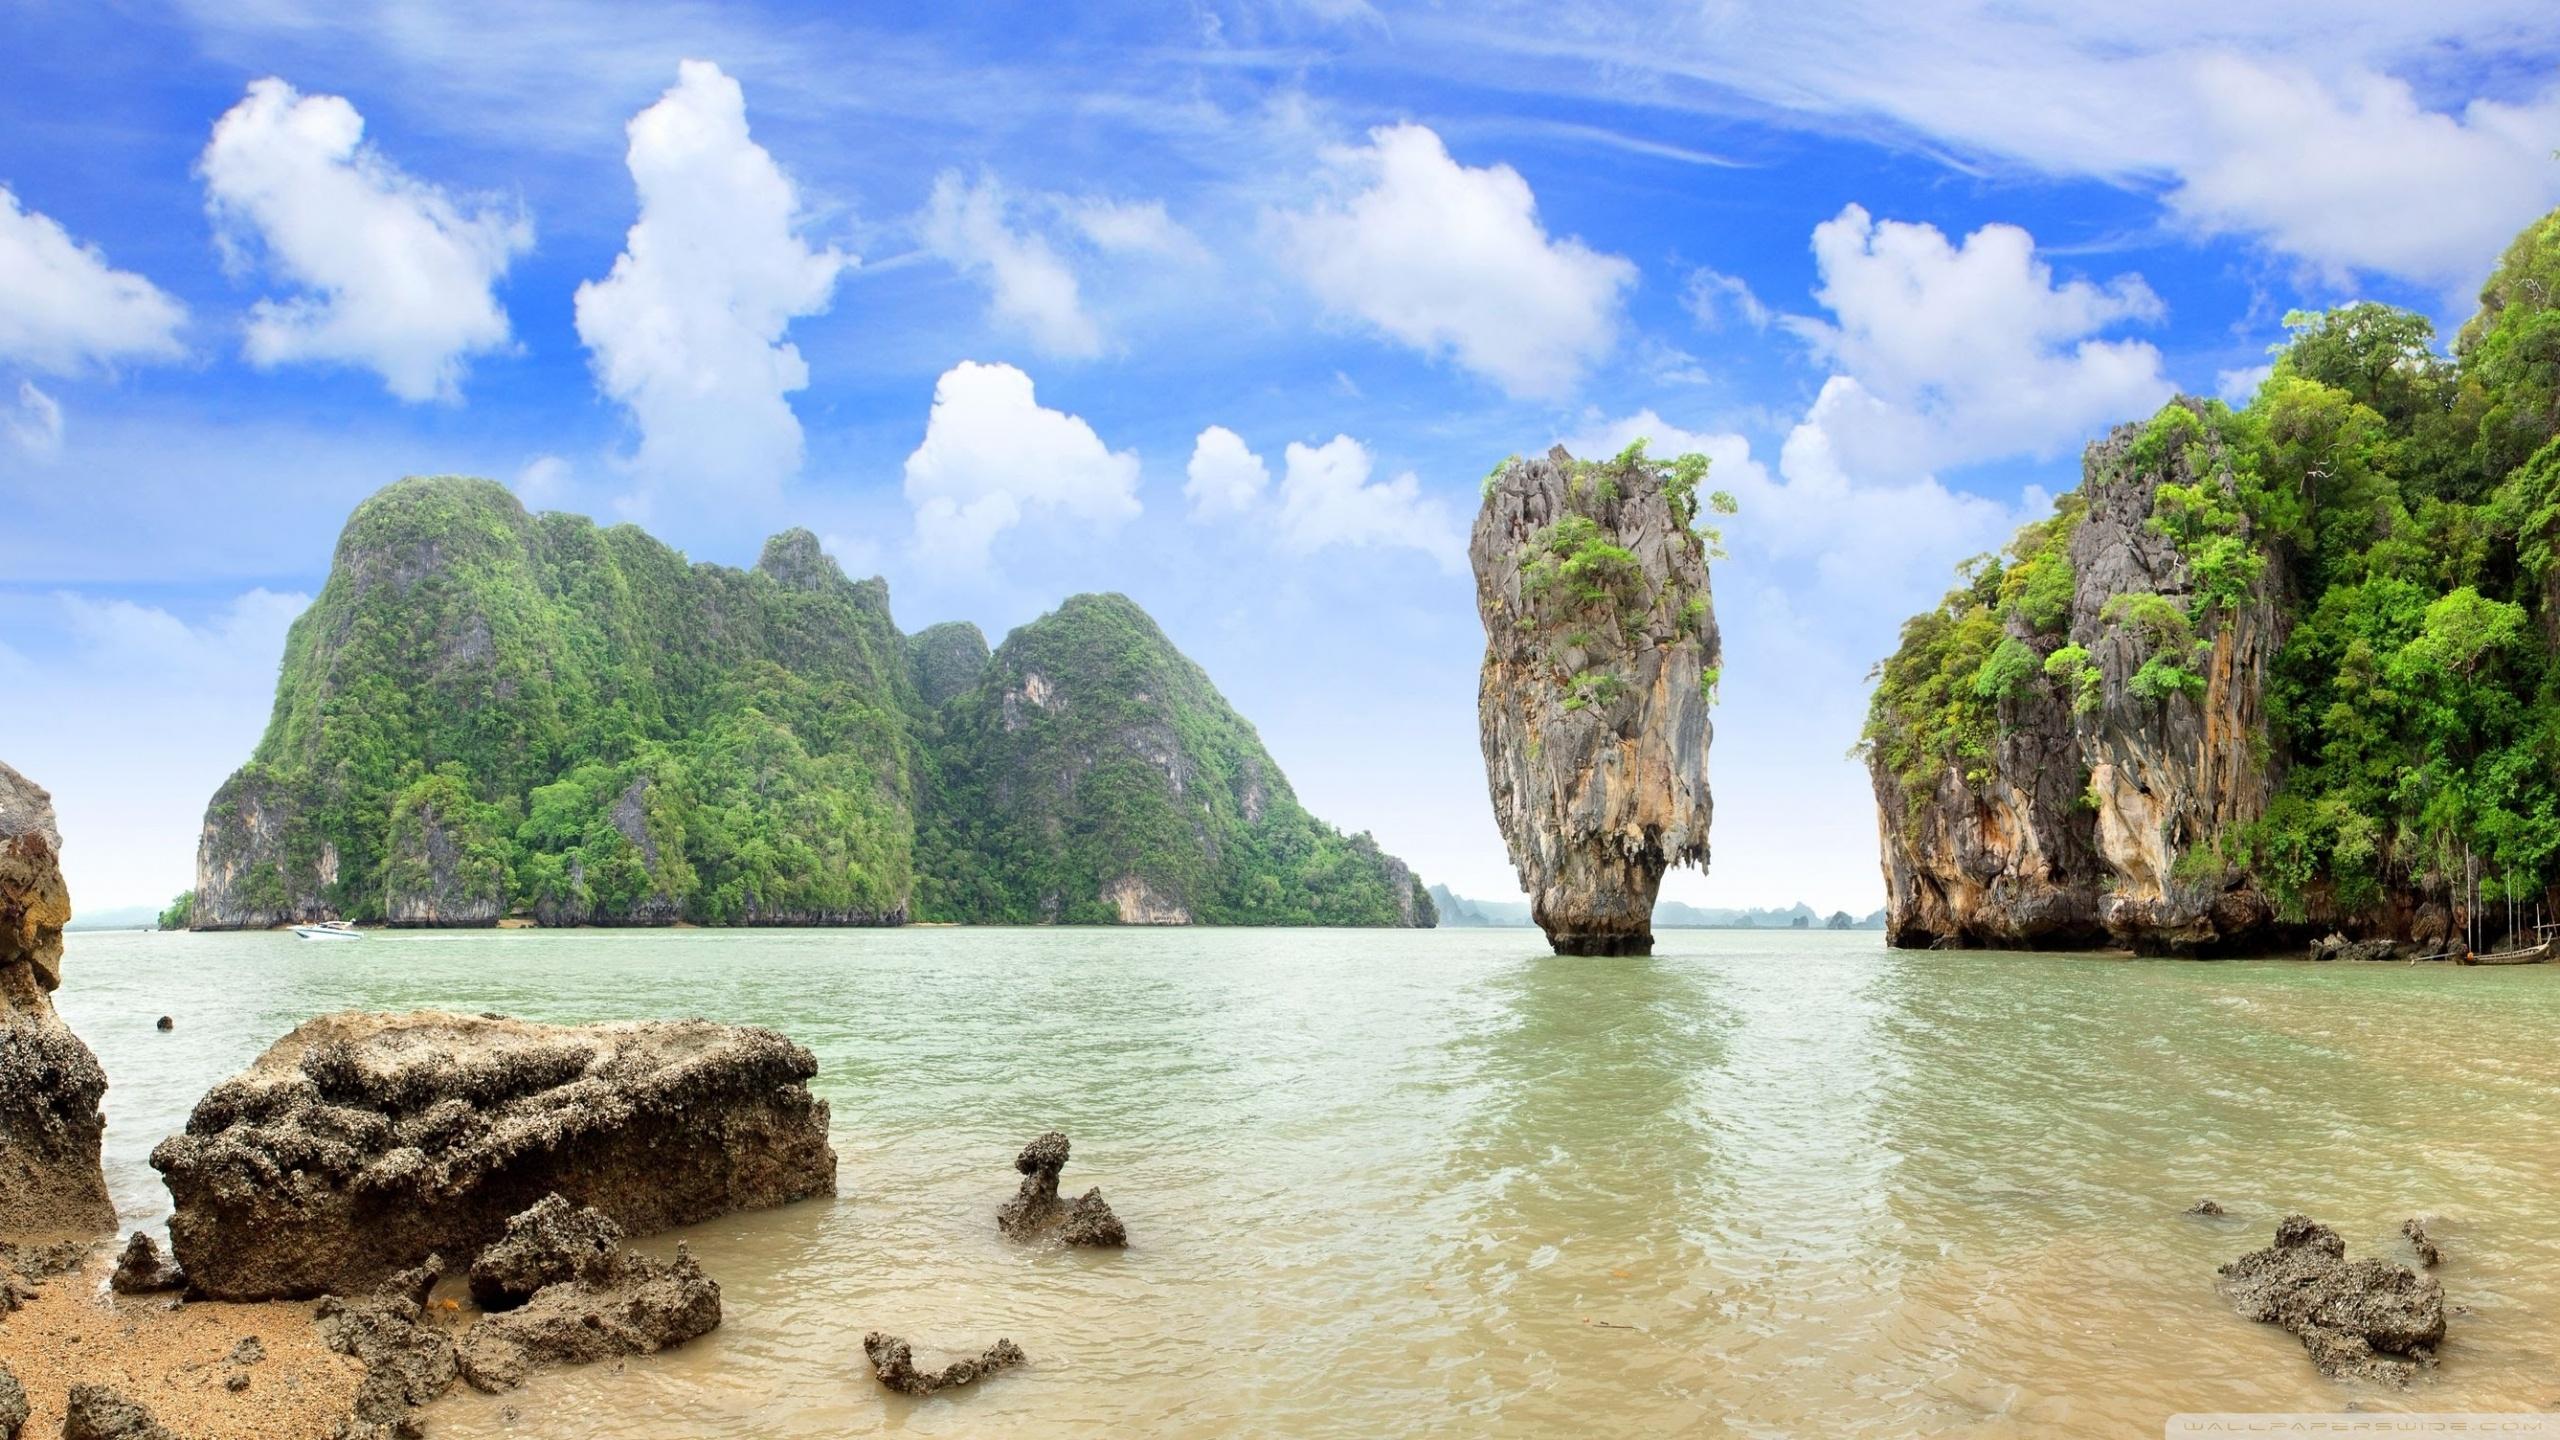 Thailand Islands HD desktop wallpaper : Widescreen : High